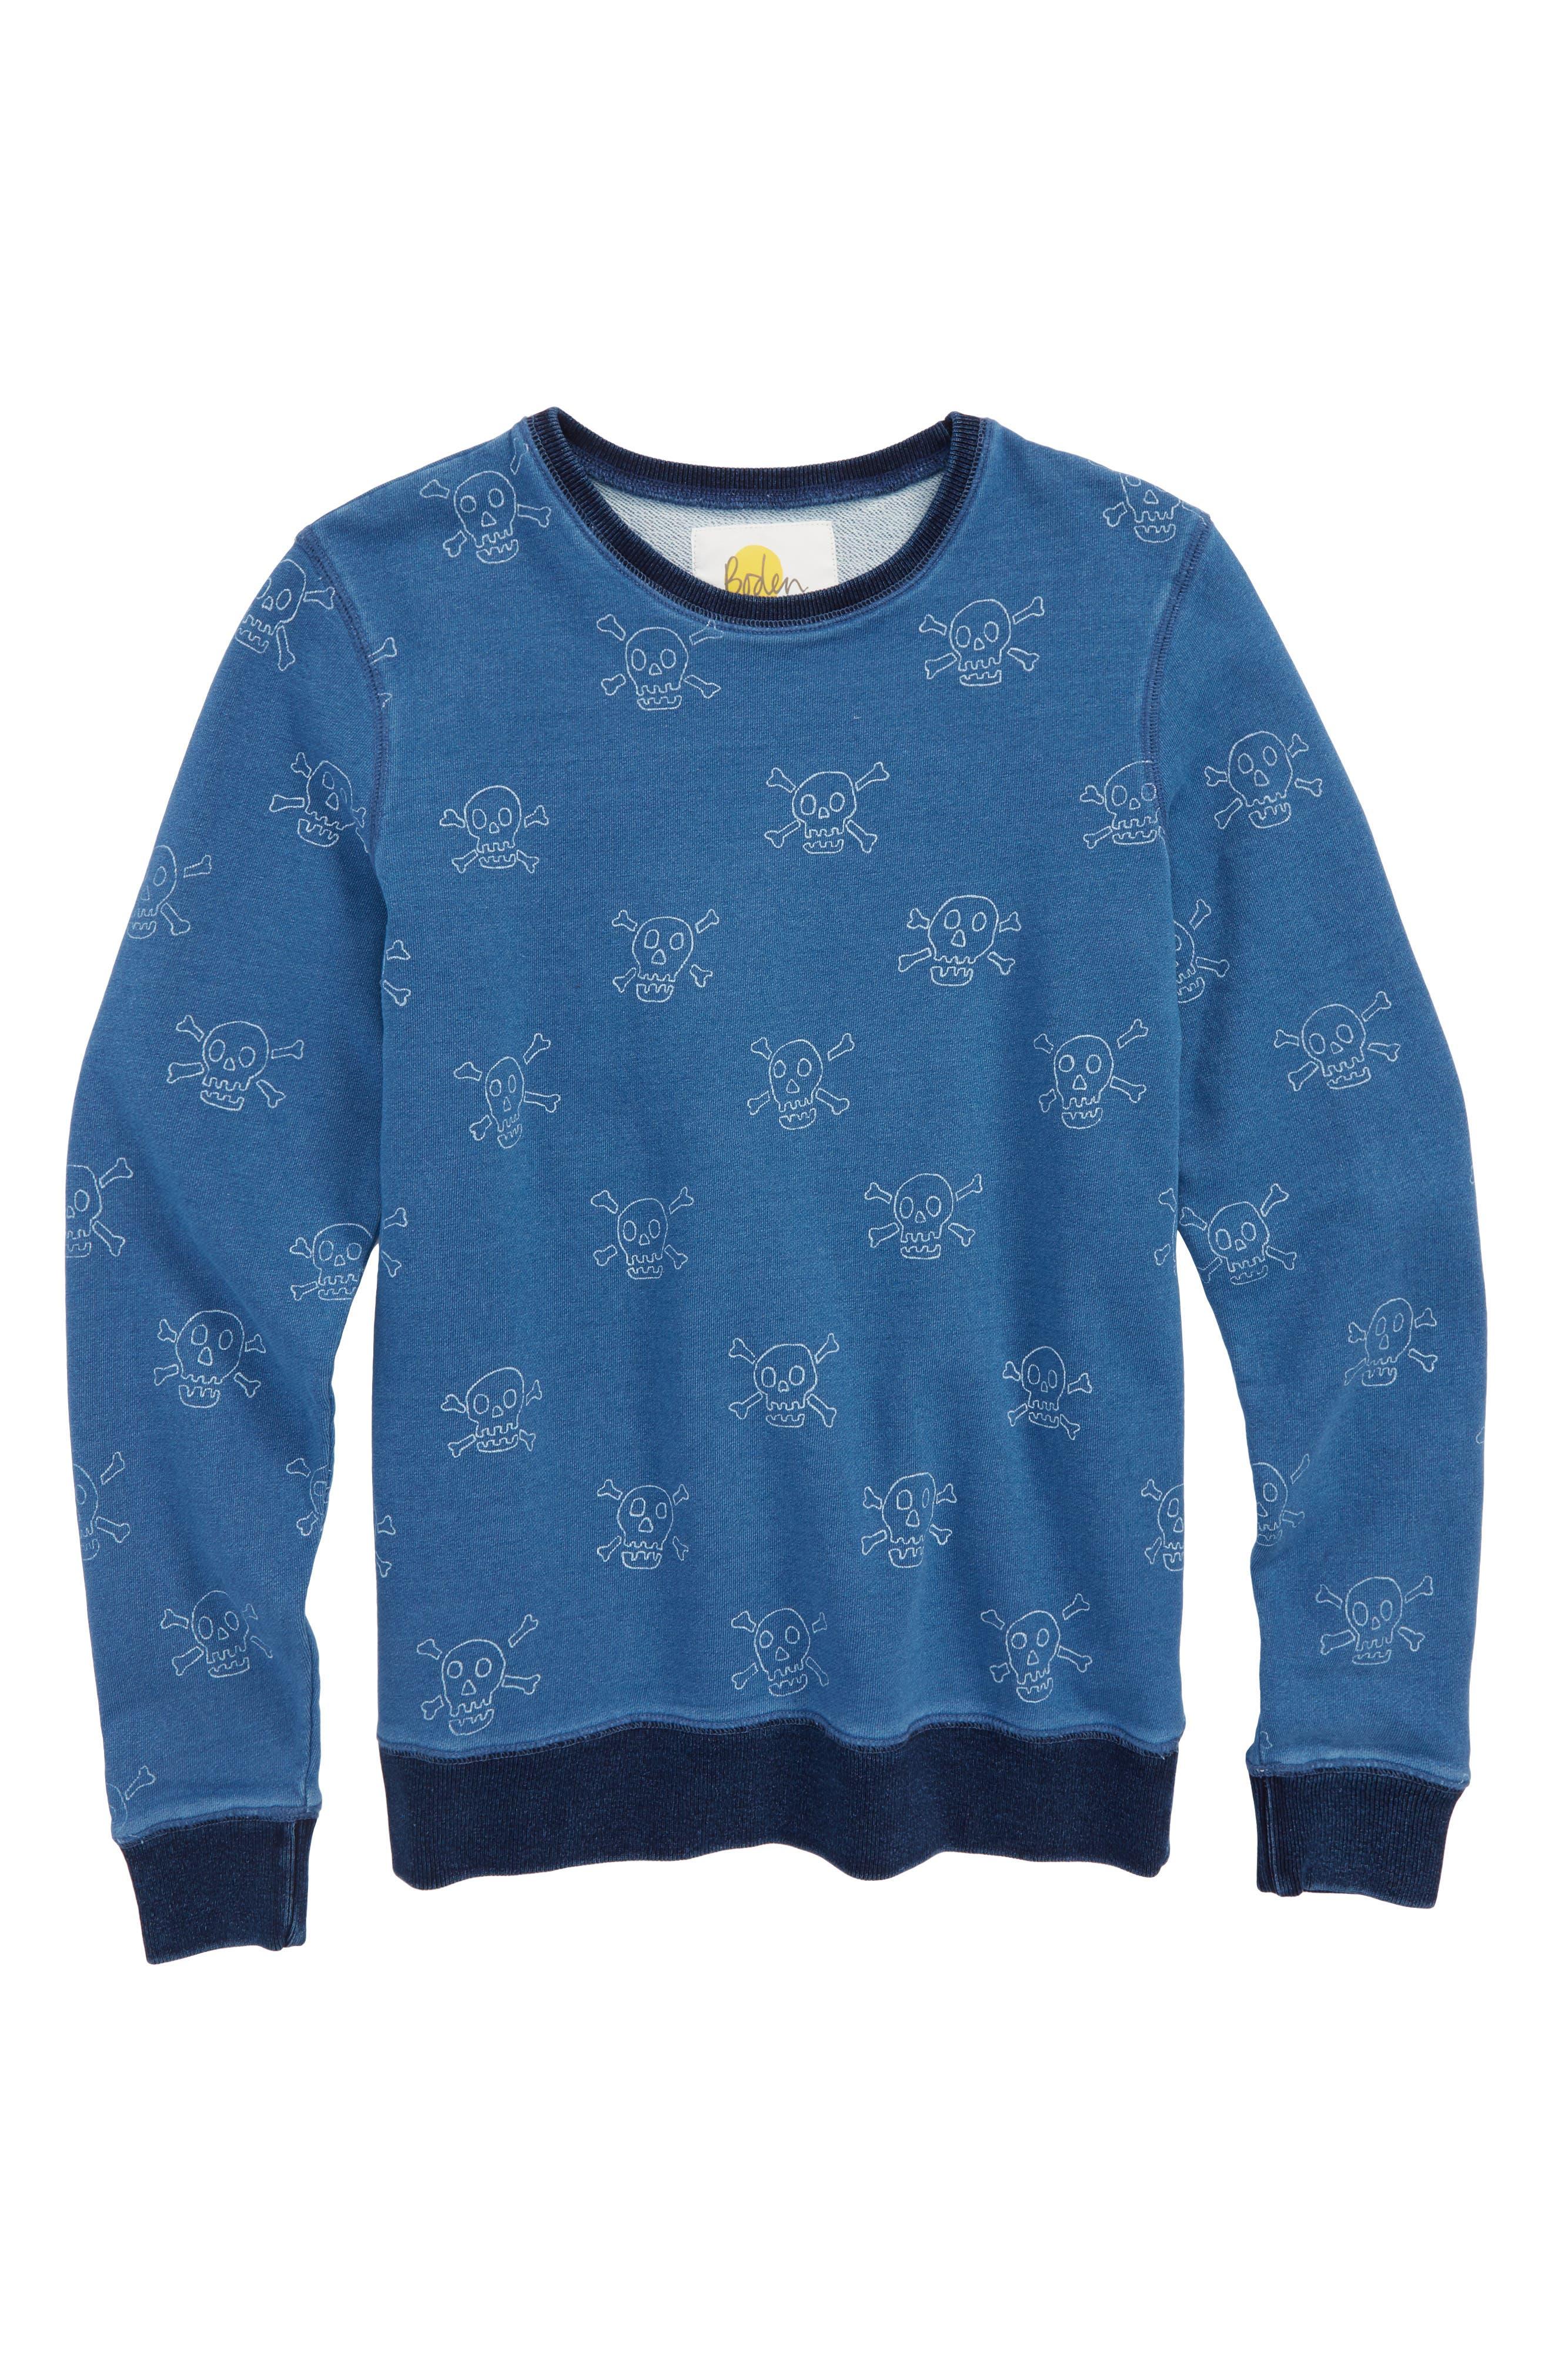 Castaway Skulls Sweatshirt,                         Main,                         color, Mid Indigo Blue Skulls